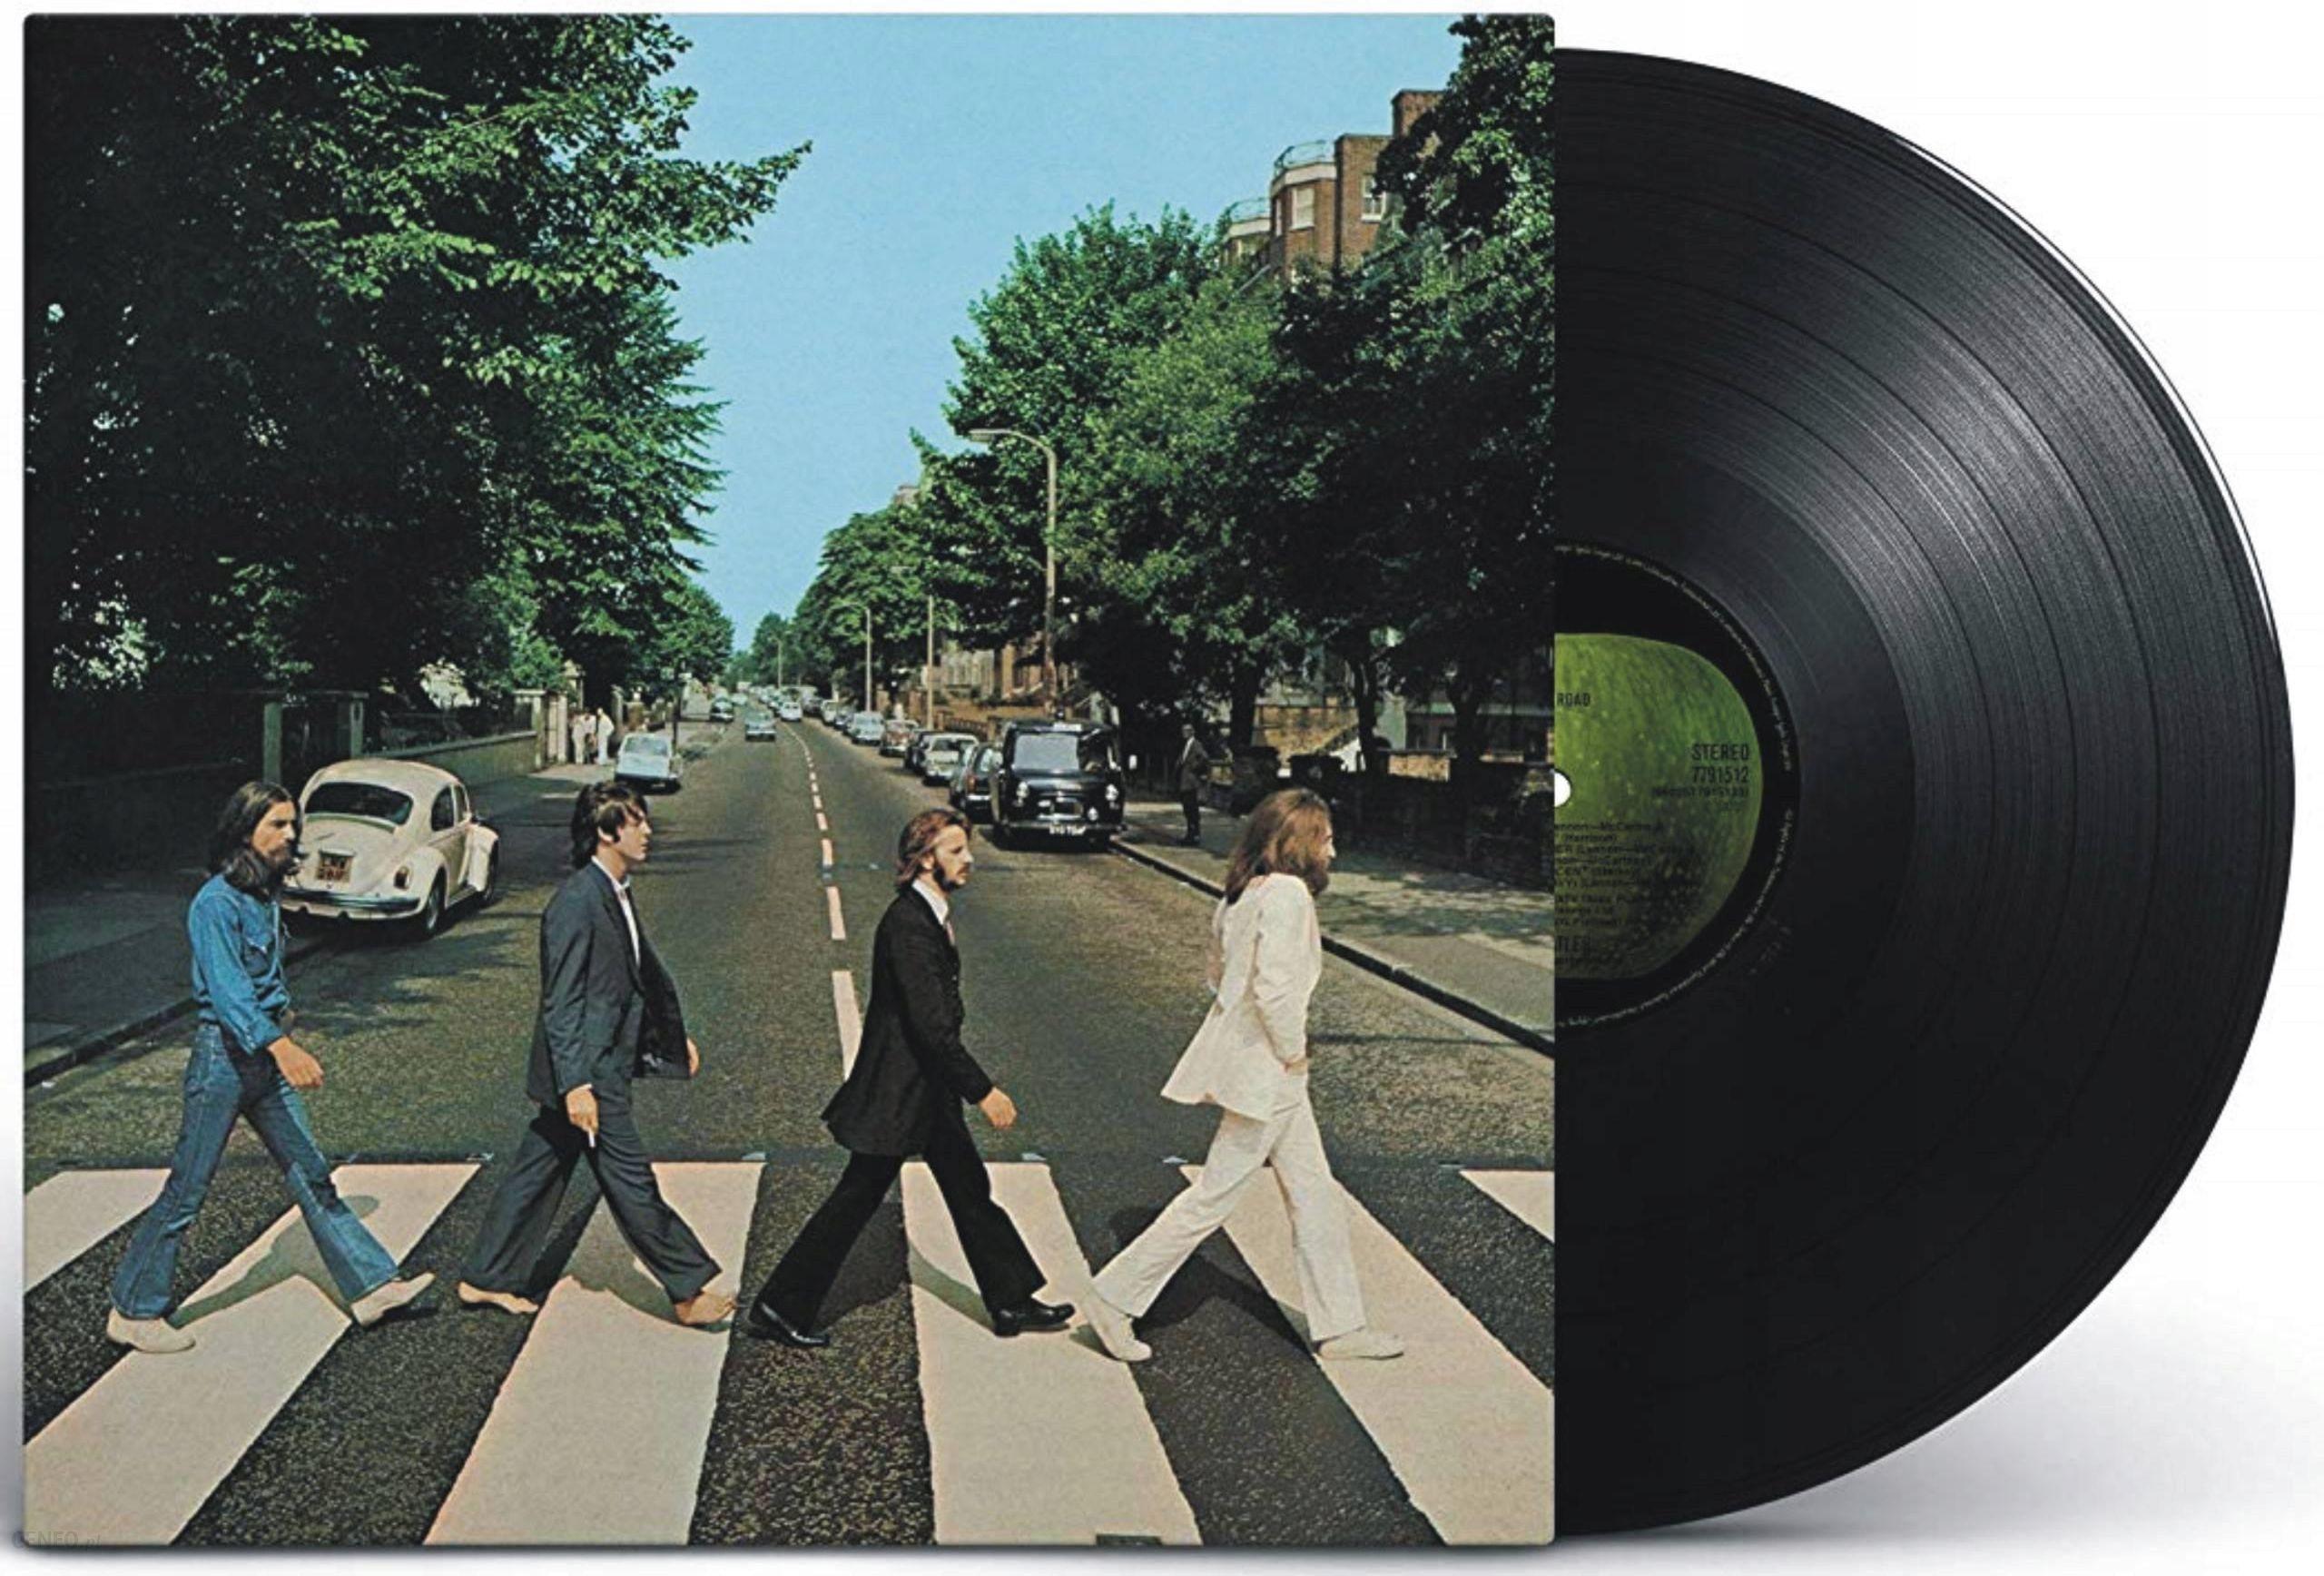 Plyta Winylowa The Beatles Abbey Road 50th Anniversary Edition Winyl Ceny I Opinie Ceneo Pl